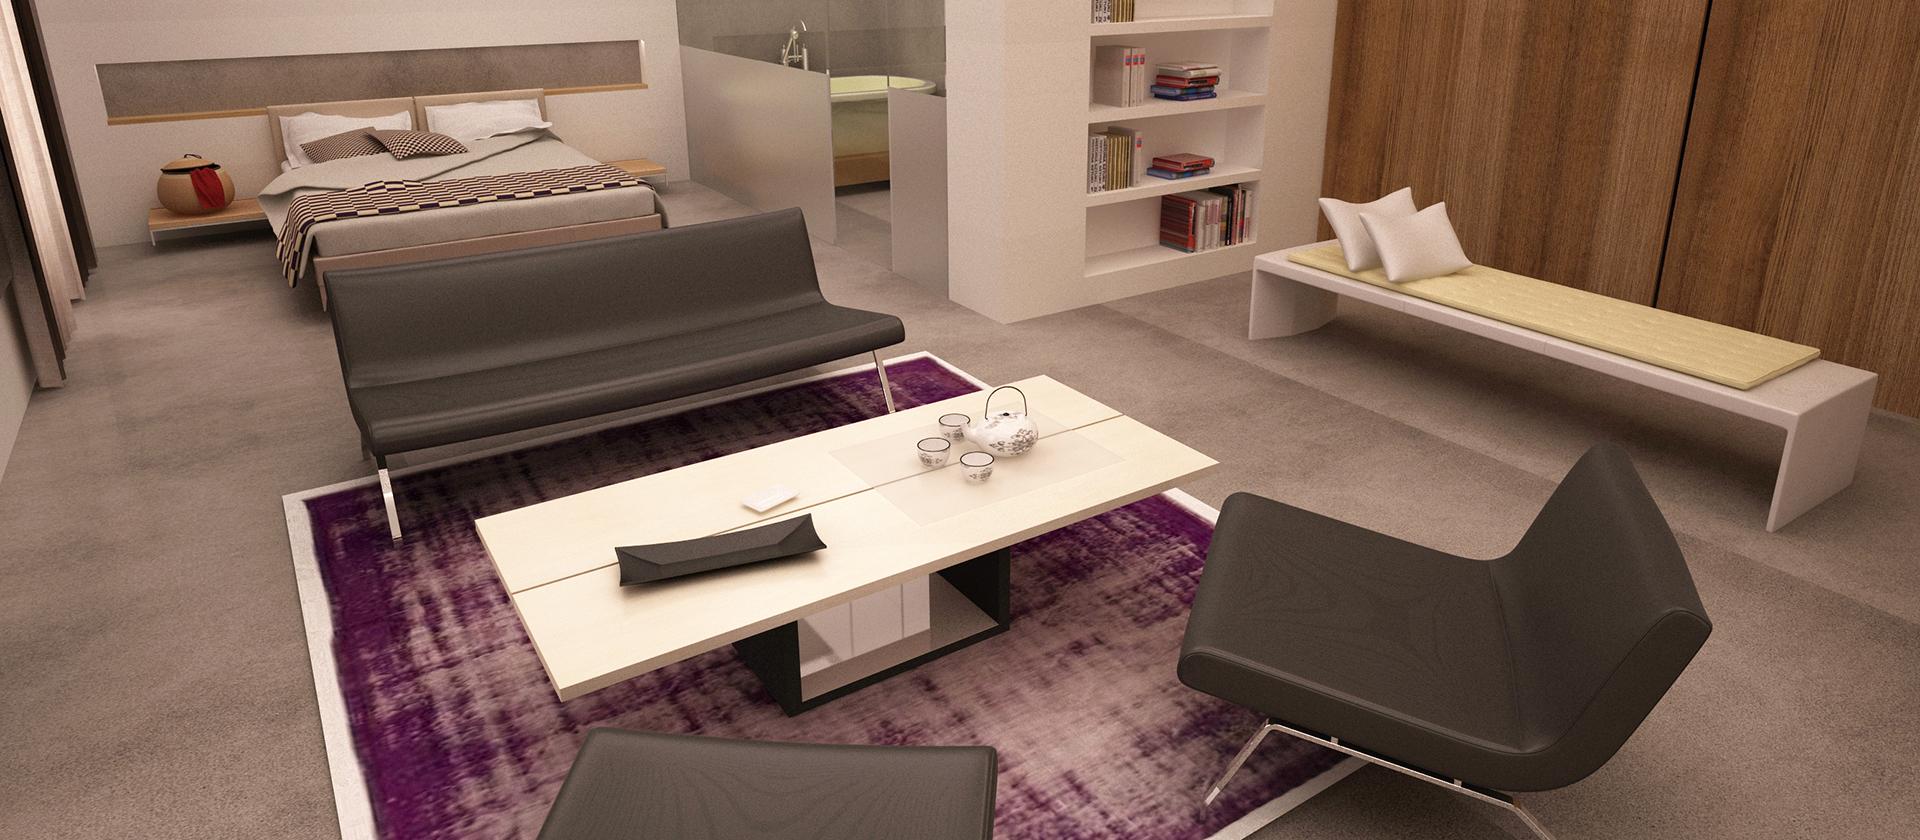 FIDI, Italia - Interior Design School di Firenze - Scuola di Design ...